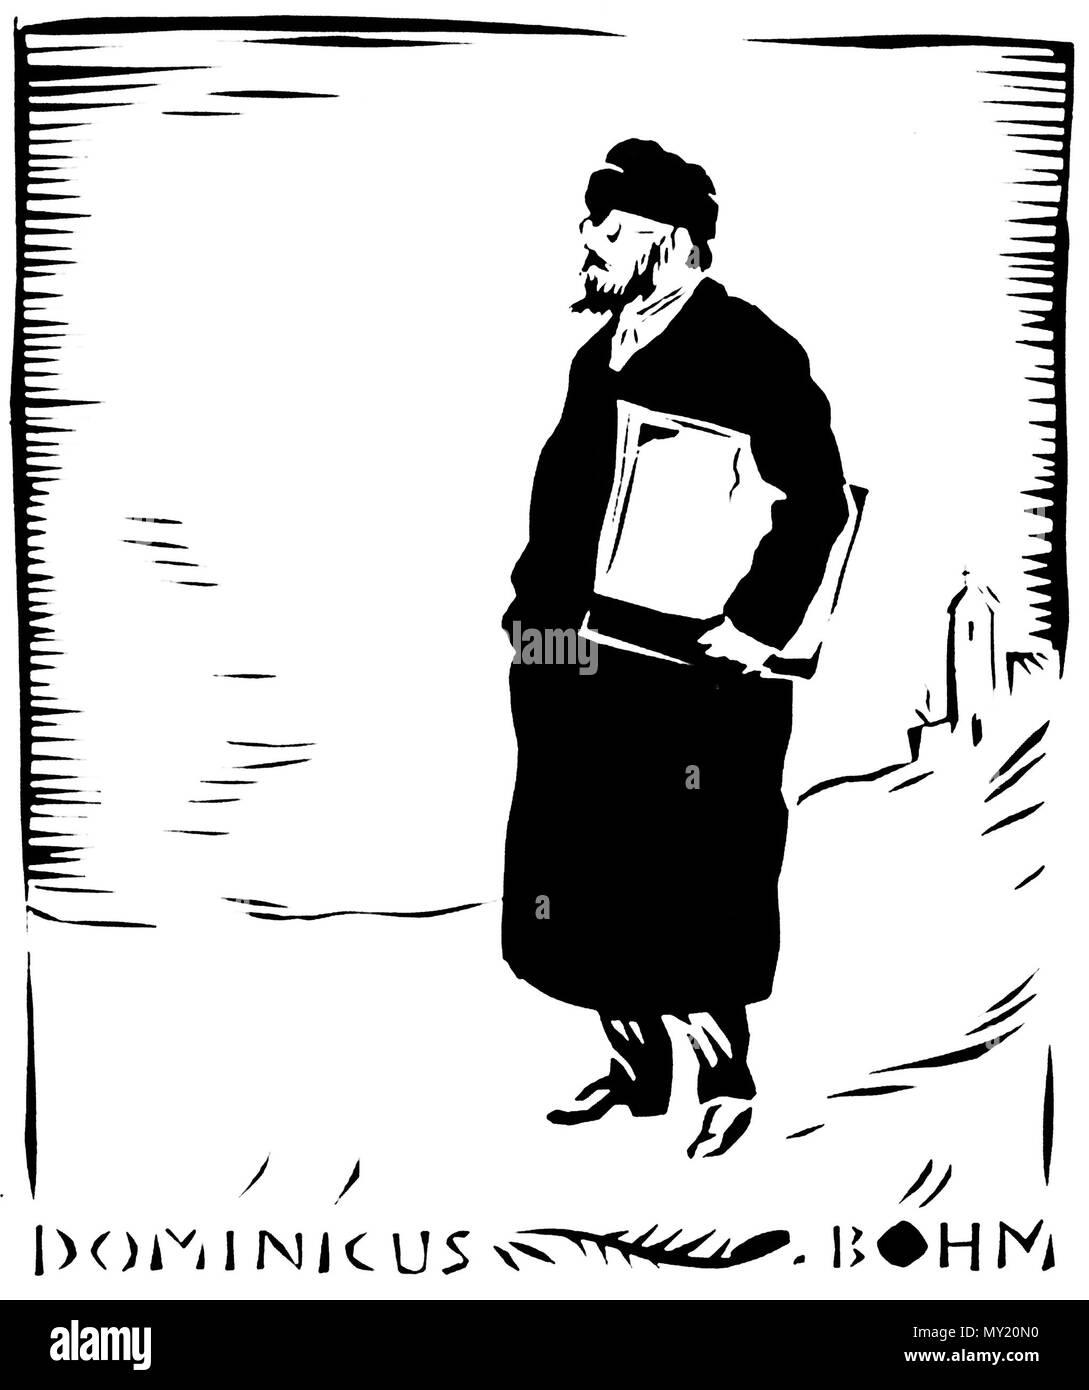 . Deutsch: Scherenschnitt des Architekten Dominikus Böhm, Künstler: Rudolf Koch . 1919. Rudolf Koch († 1934) 477 Scherenschnitt dominikus boehm by rudolf koch 1919 Stock Photo